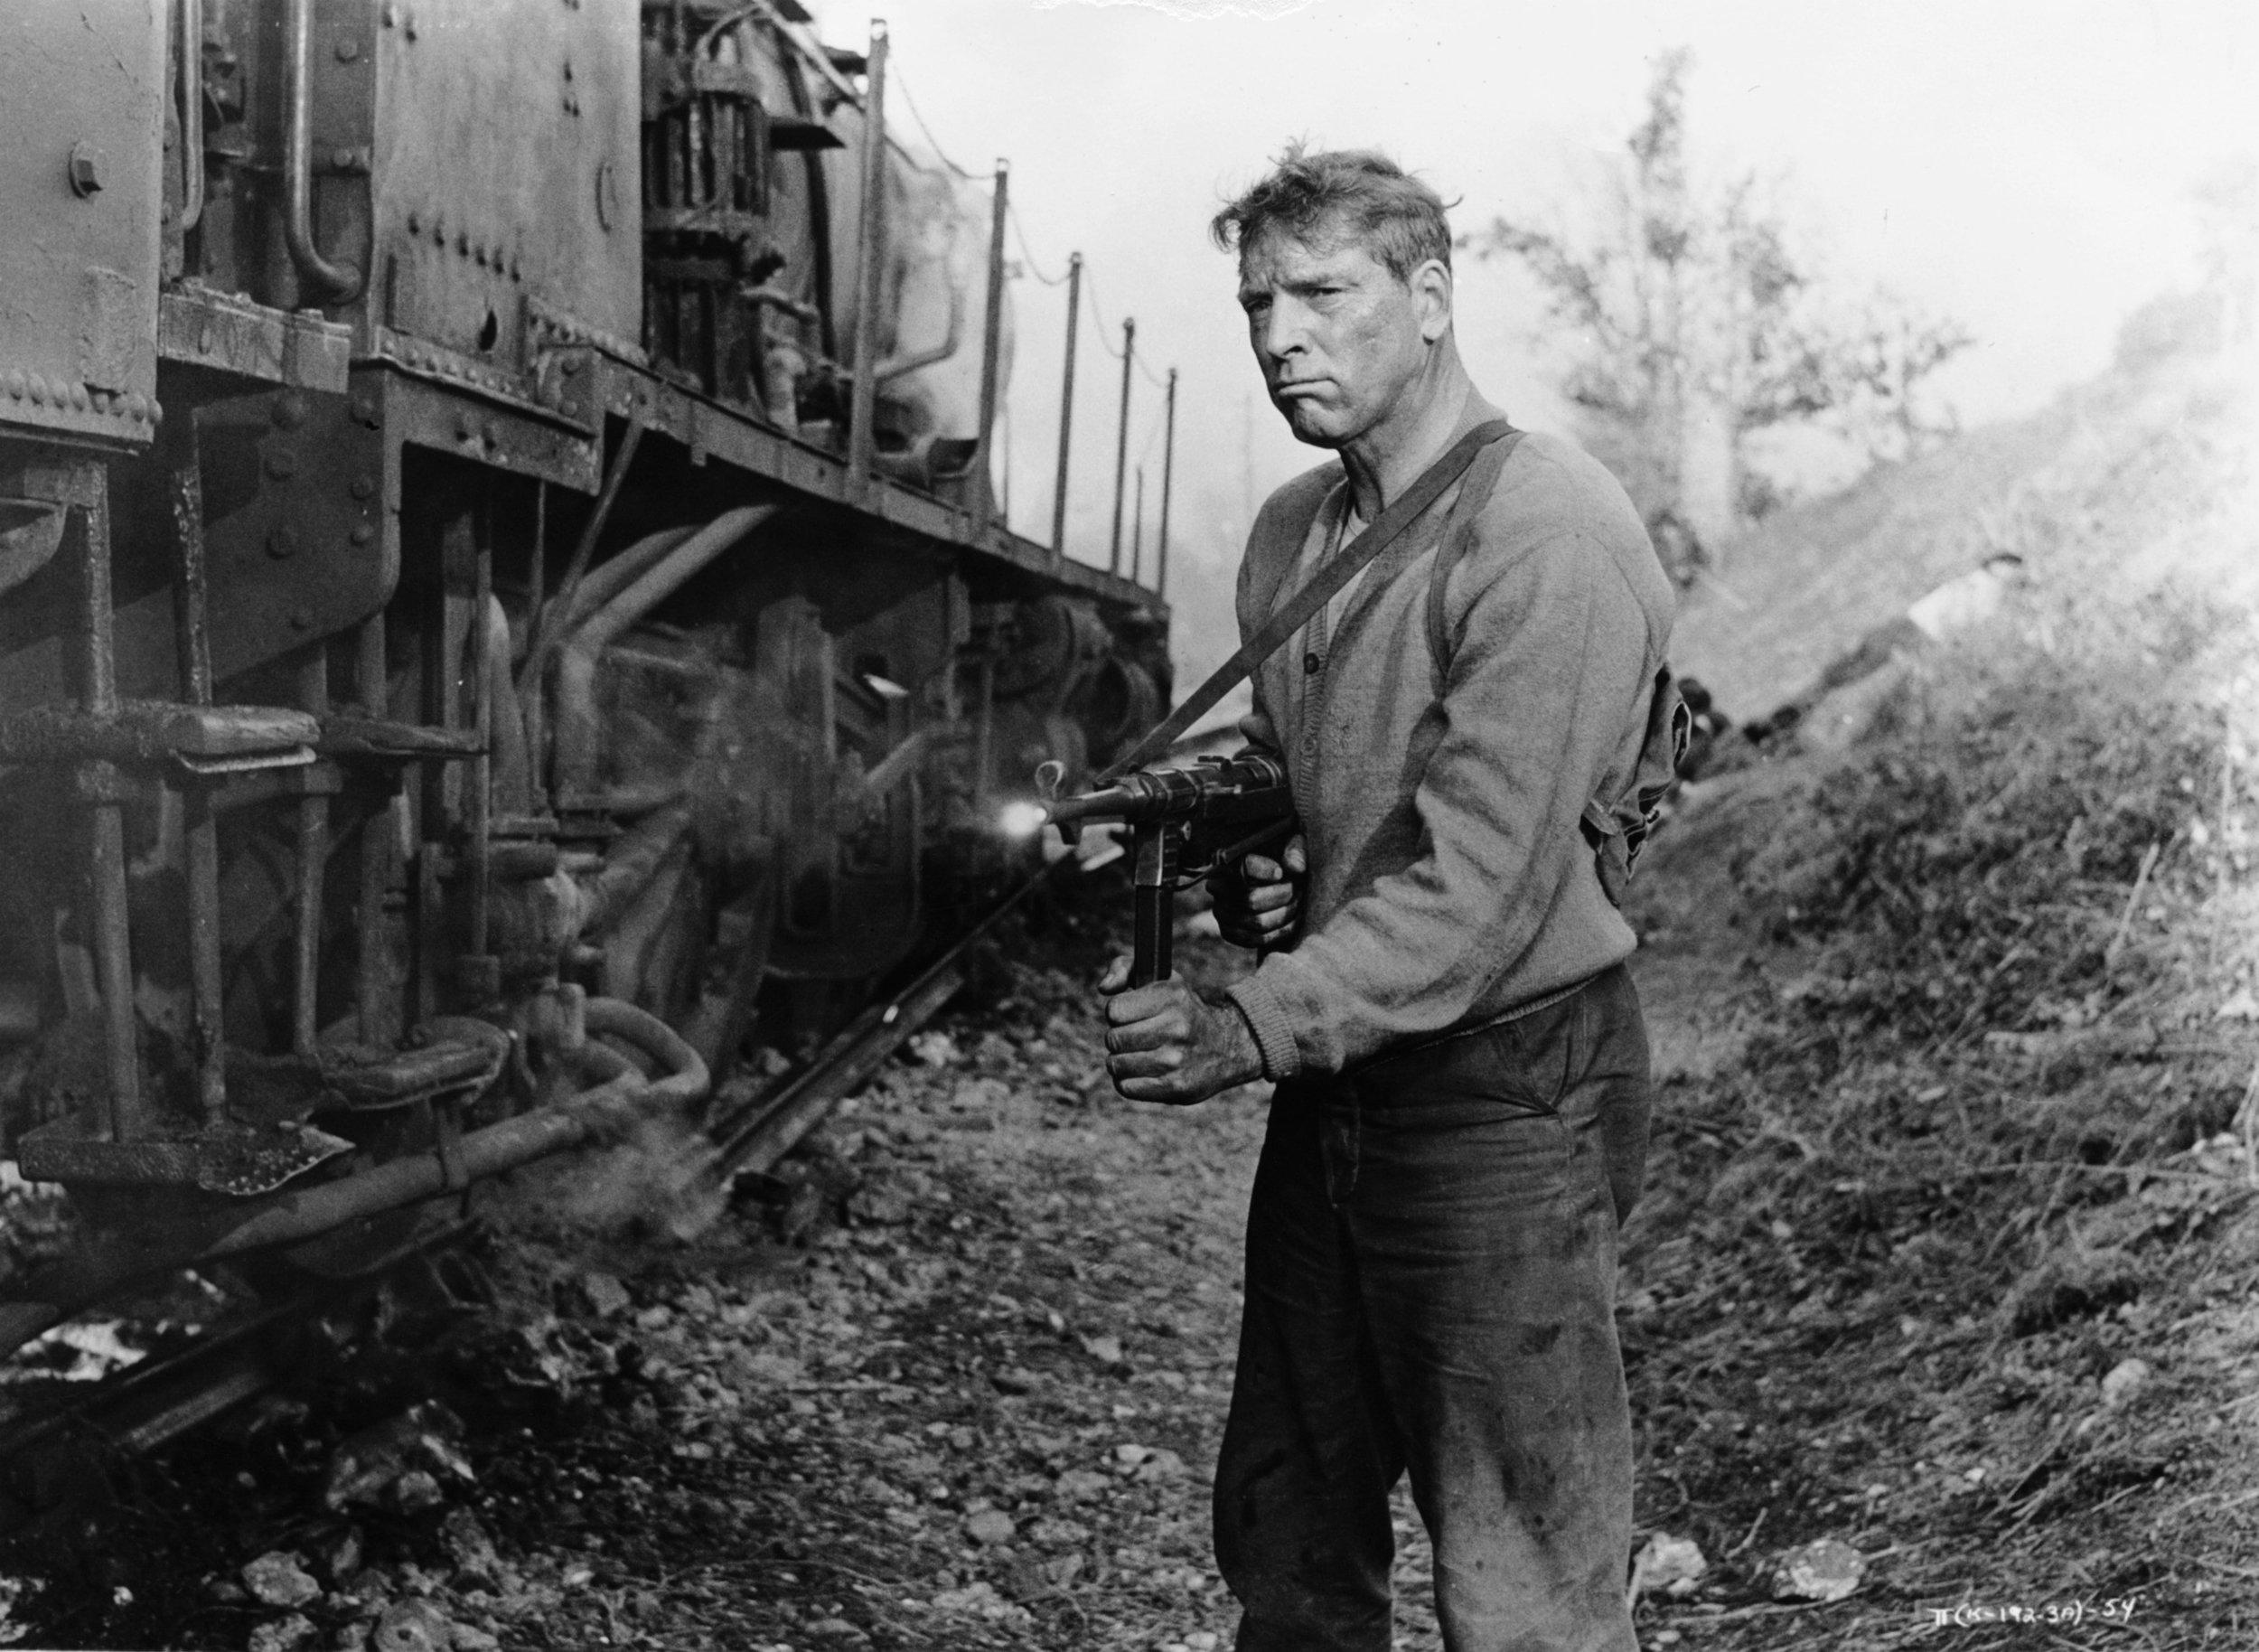 189. The Train (1964)